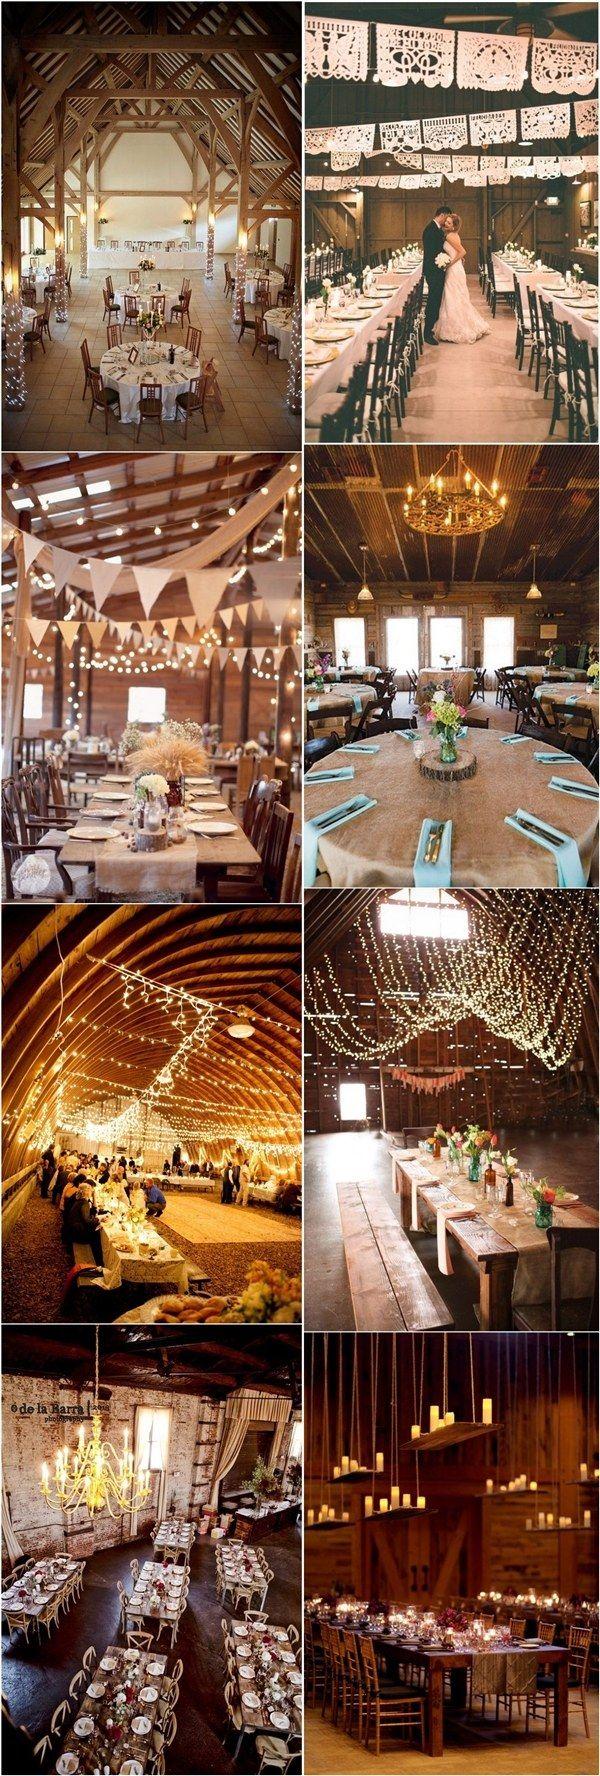 30 Barn Wedding Reception Table Decoration Ideas | Wedding reception ...